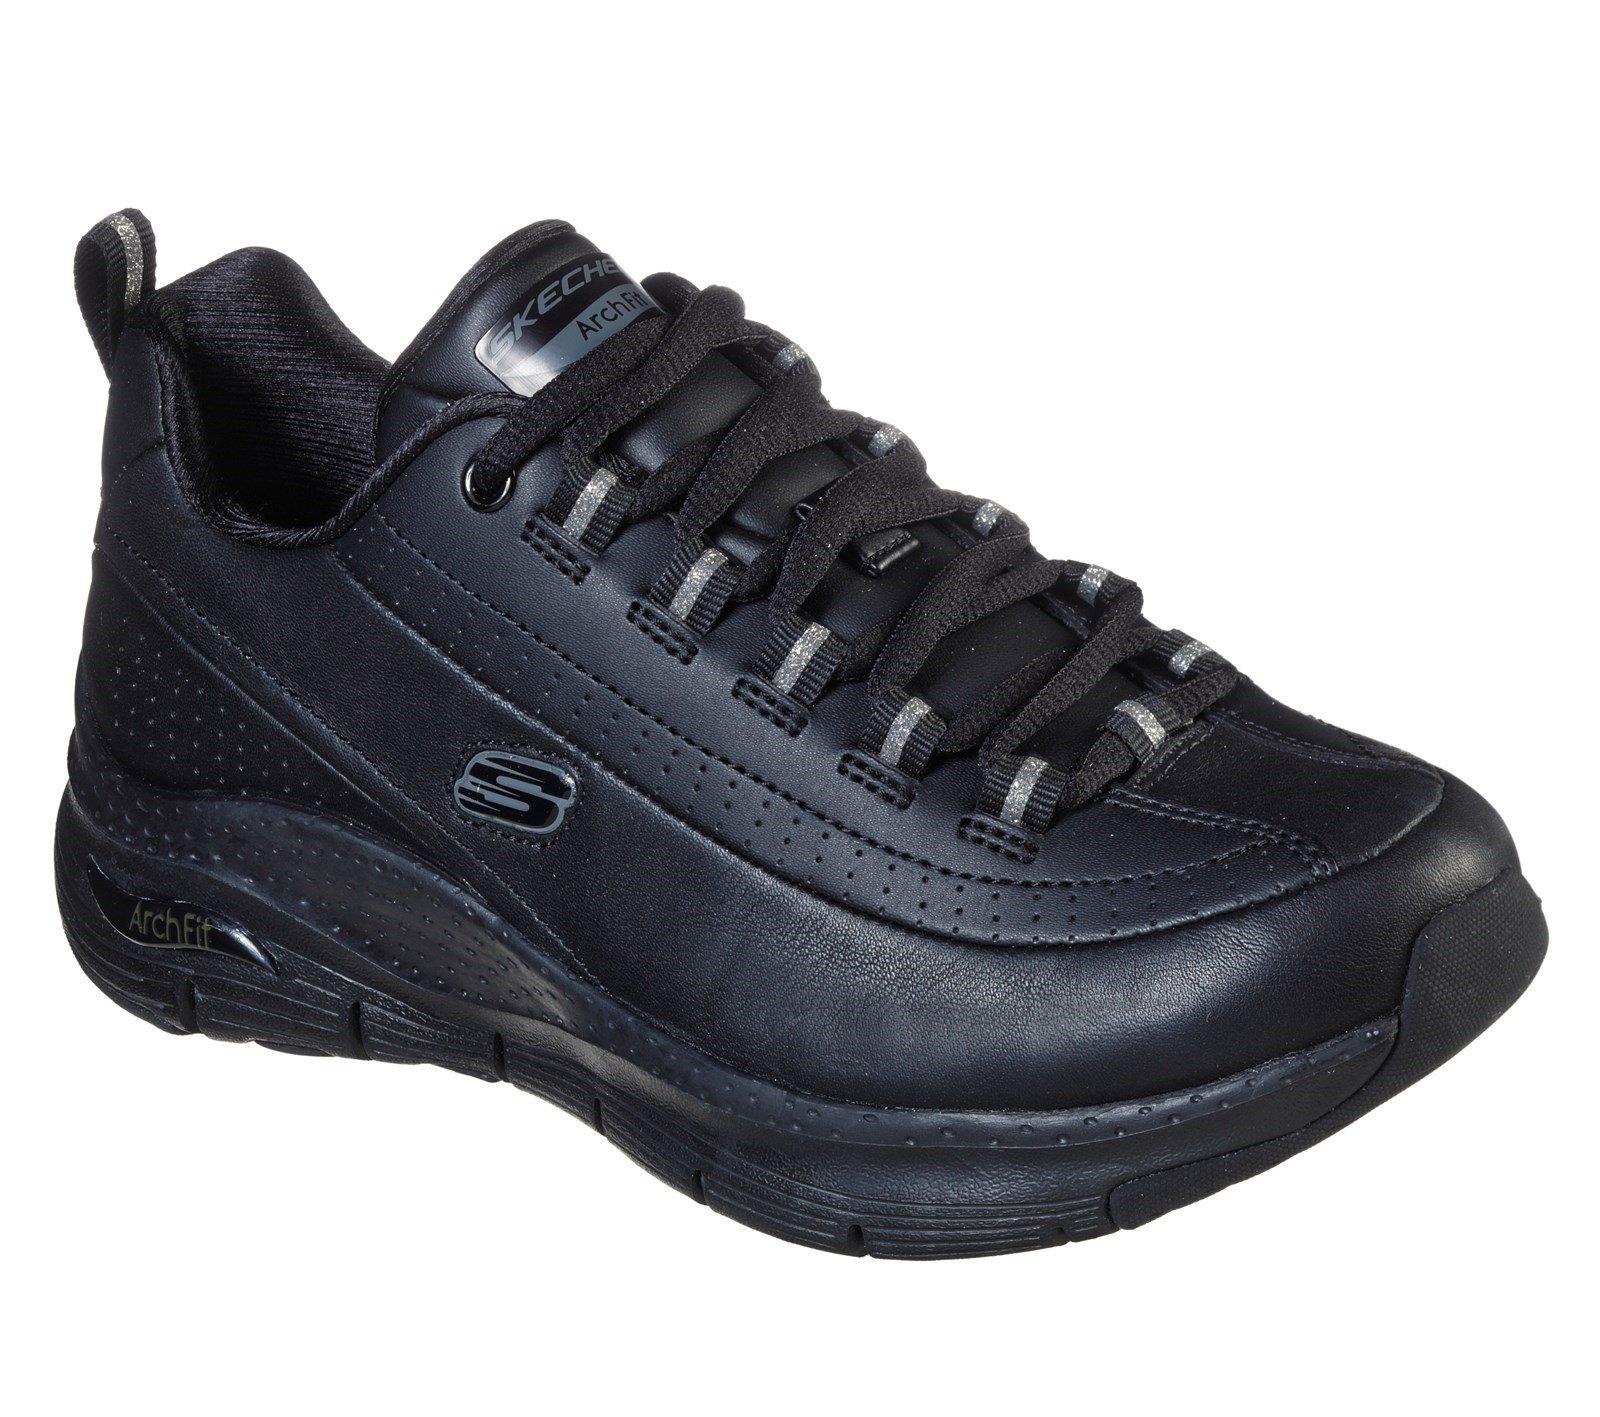 Skechers Women's Arch Fit Citi Drive Sports Trainer Multicolor 31041 - Black/Black 7